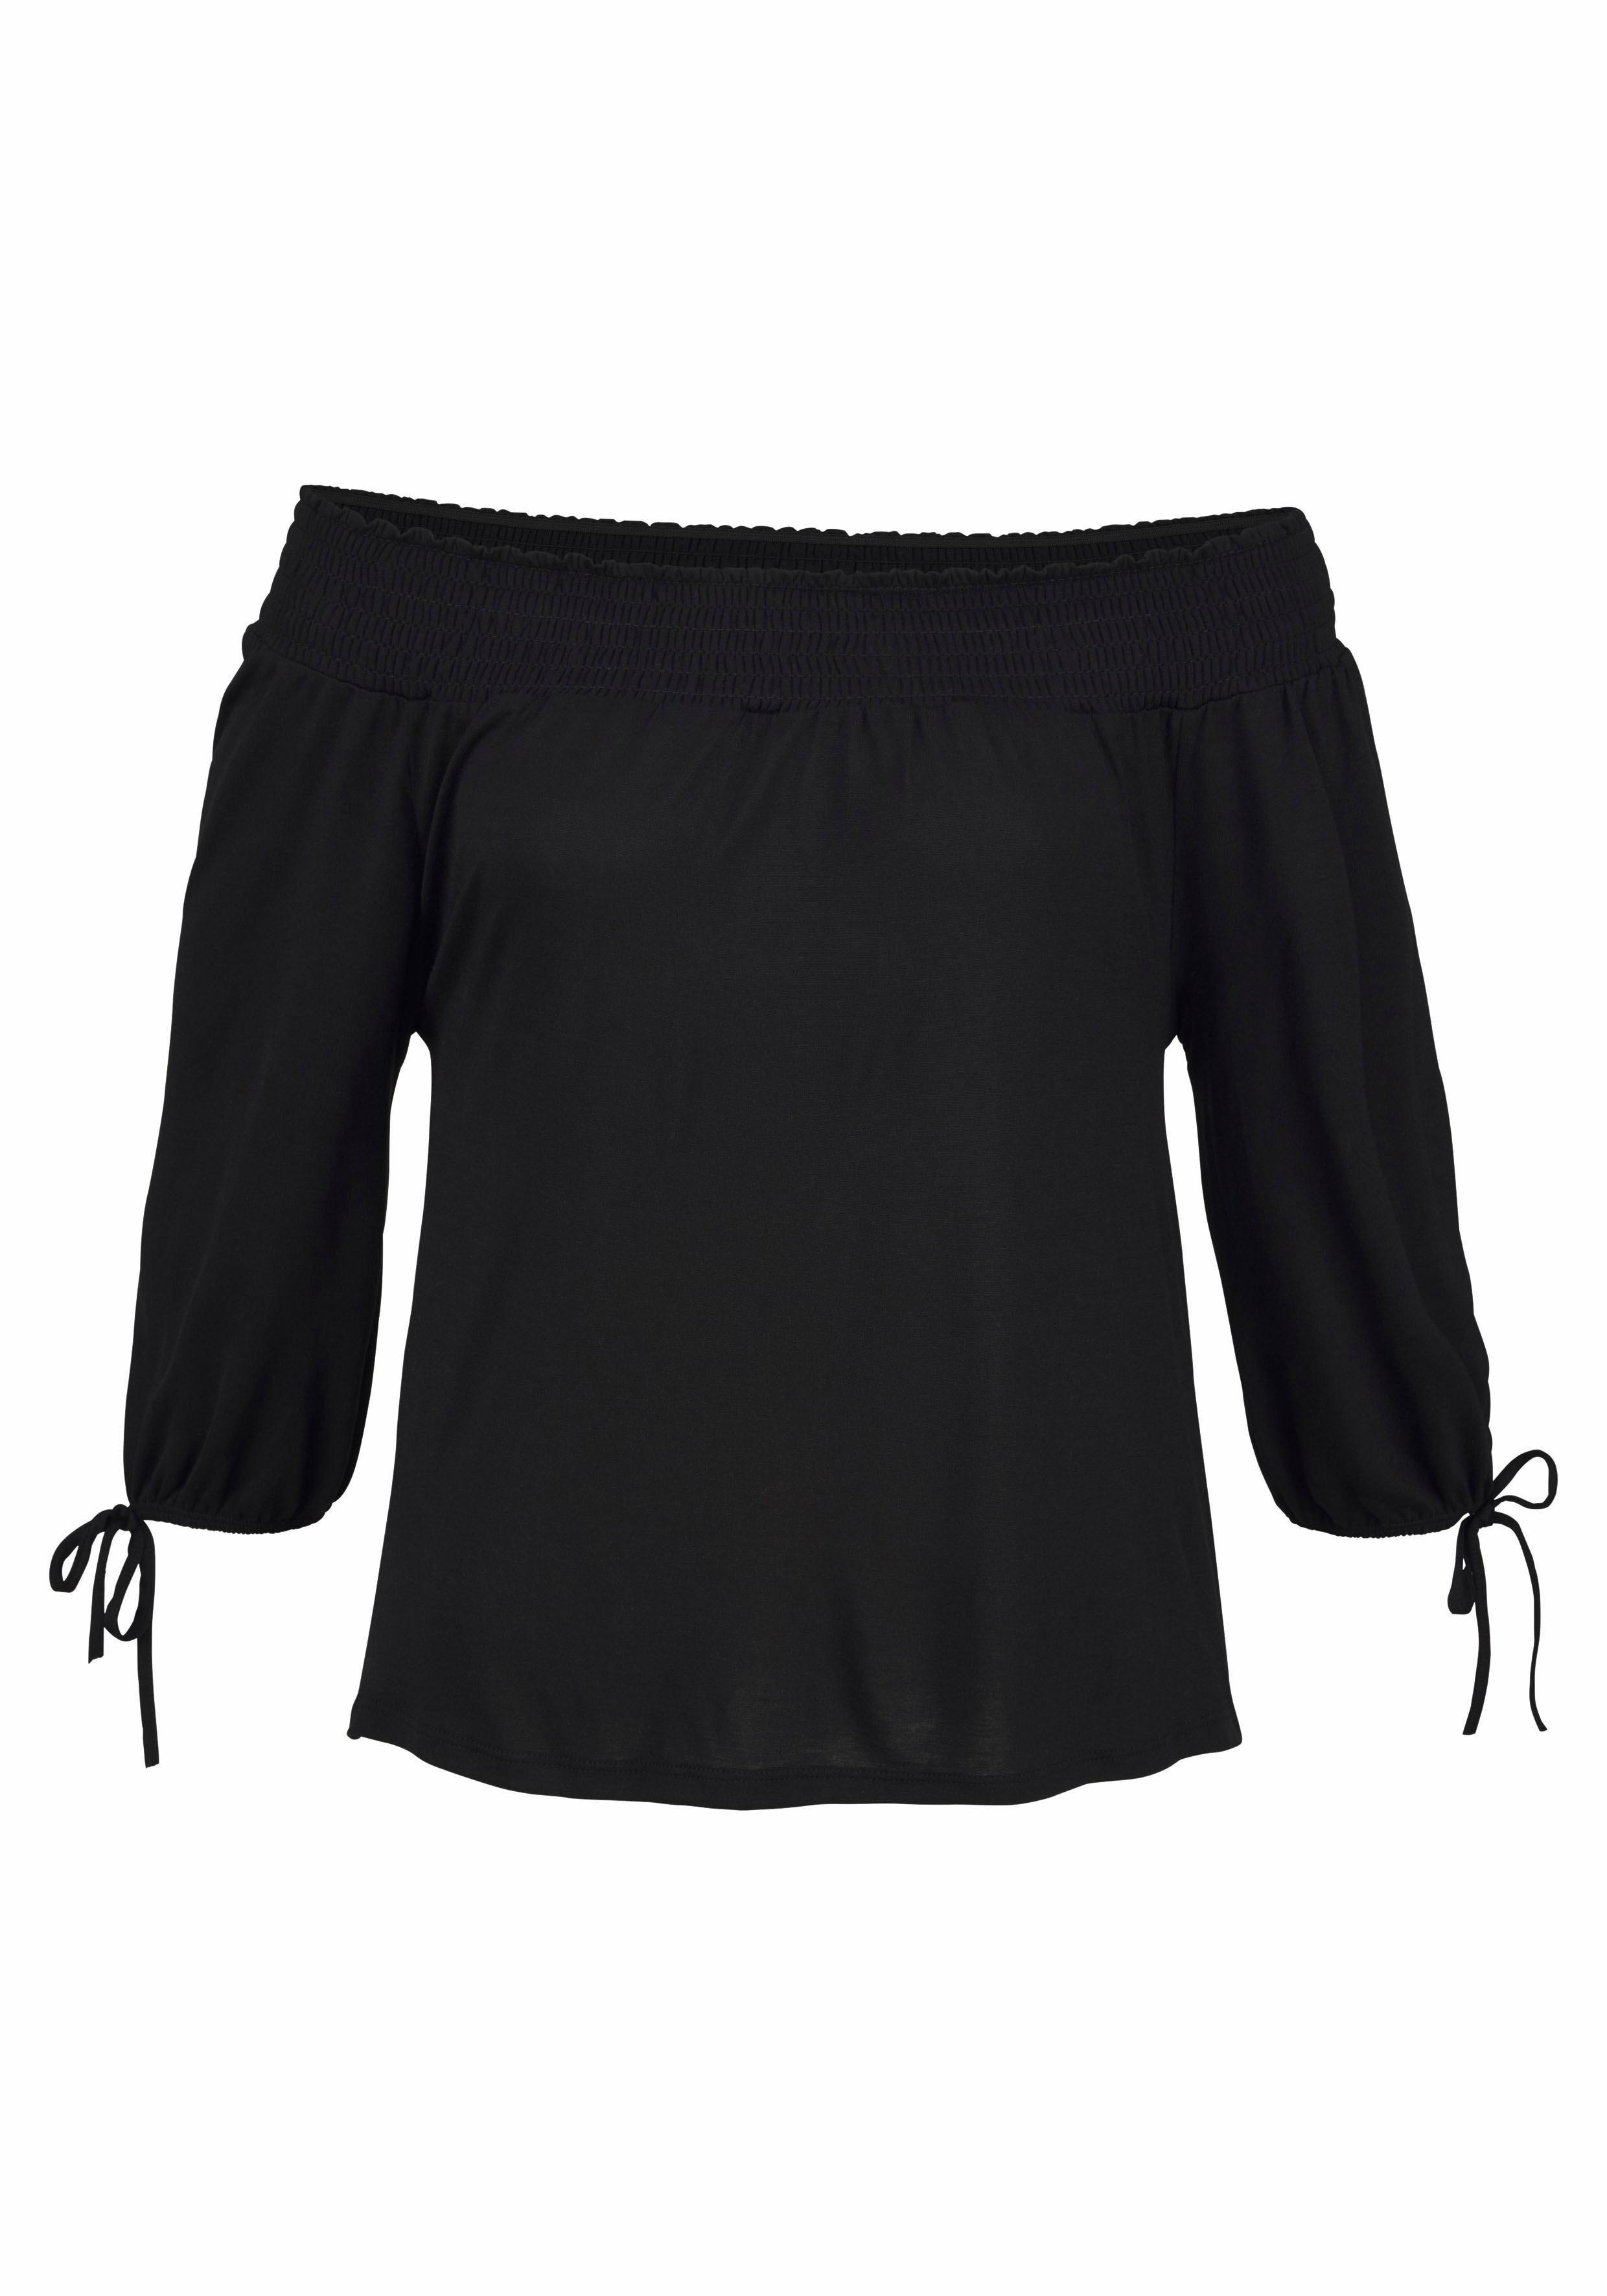 Verkrijgbaar Lascana Lascana Lascana Verkrijgbaar Strandshirt Strandshirt Online Online Online Strandshirt 9YWHIEDe2